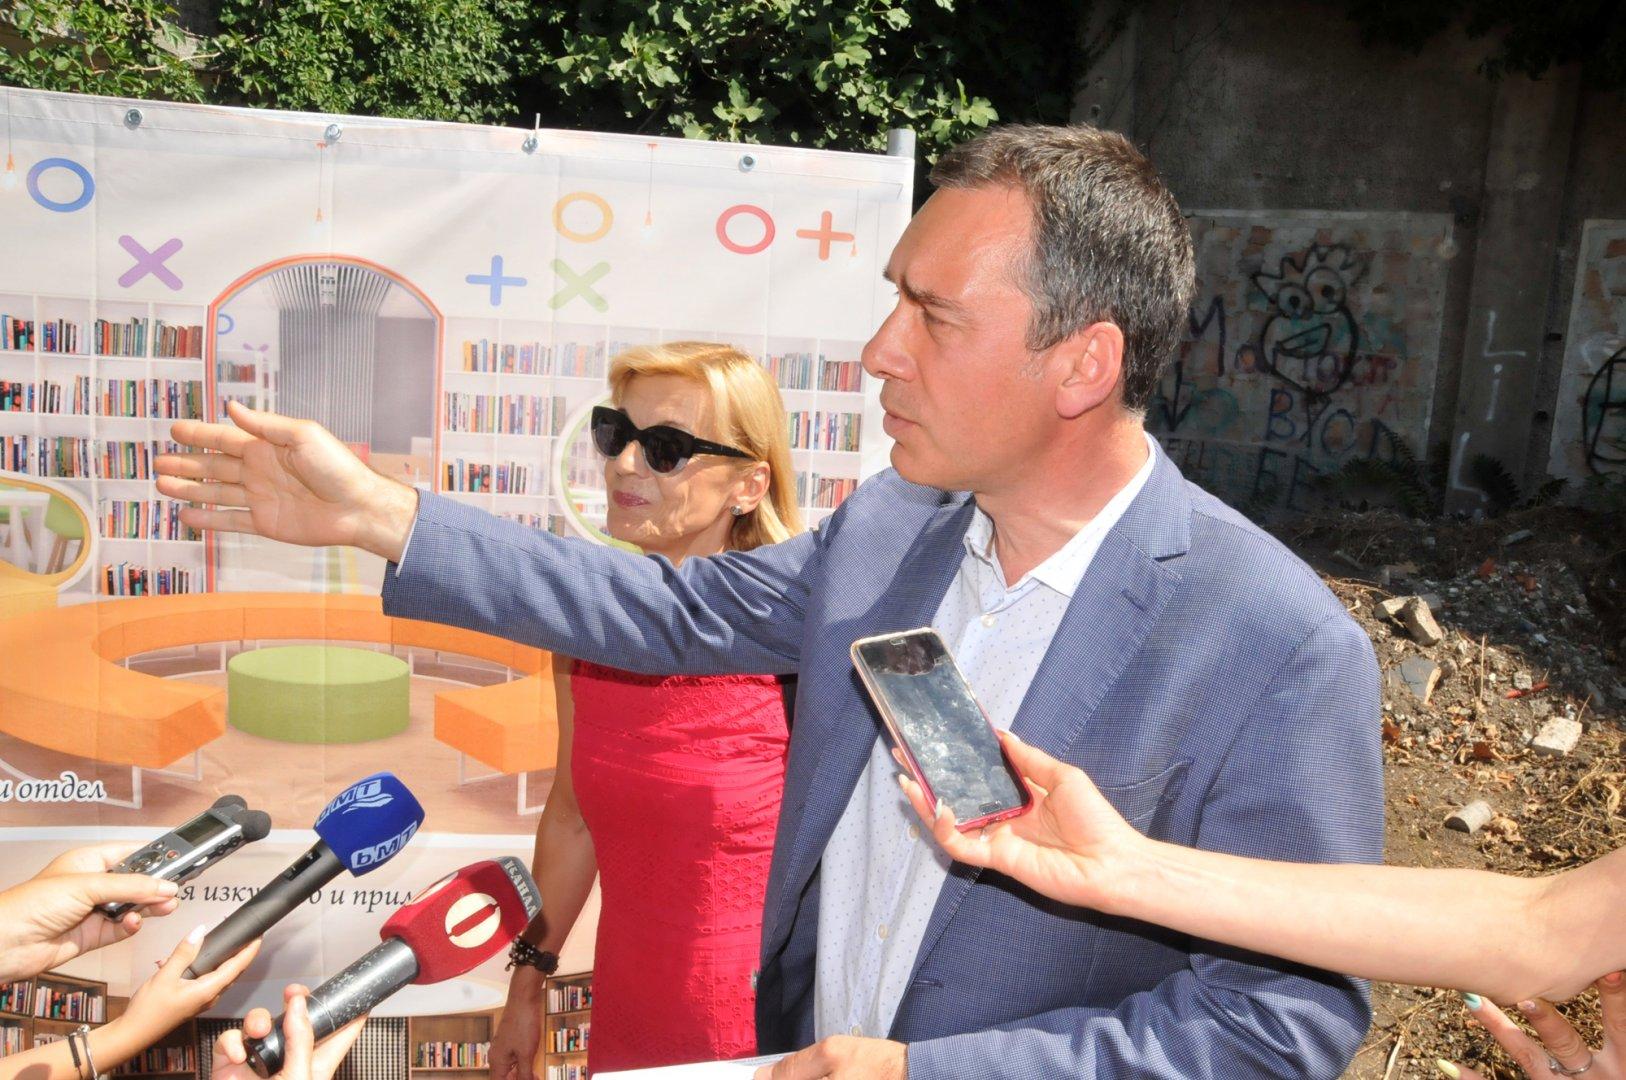 Кметът на Бургас Димитър Николов и директорът на библиотеката Мария Бенчева обясниха как ще бъде реализиран проекта. Снимки Лина Главинова